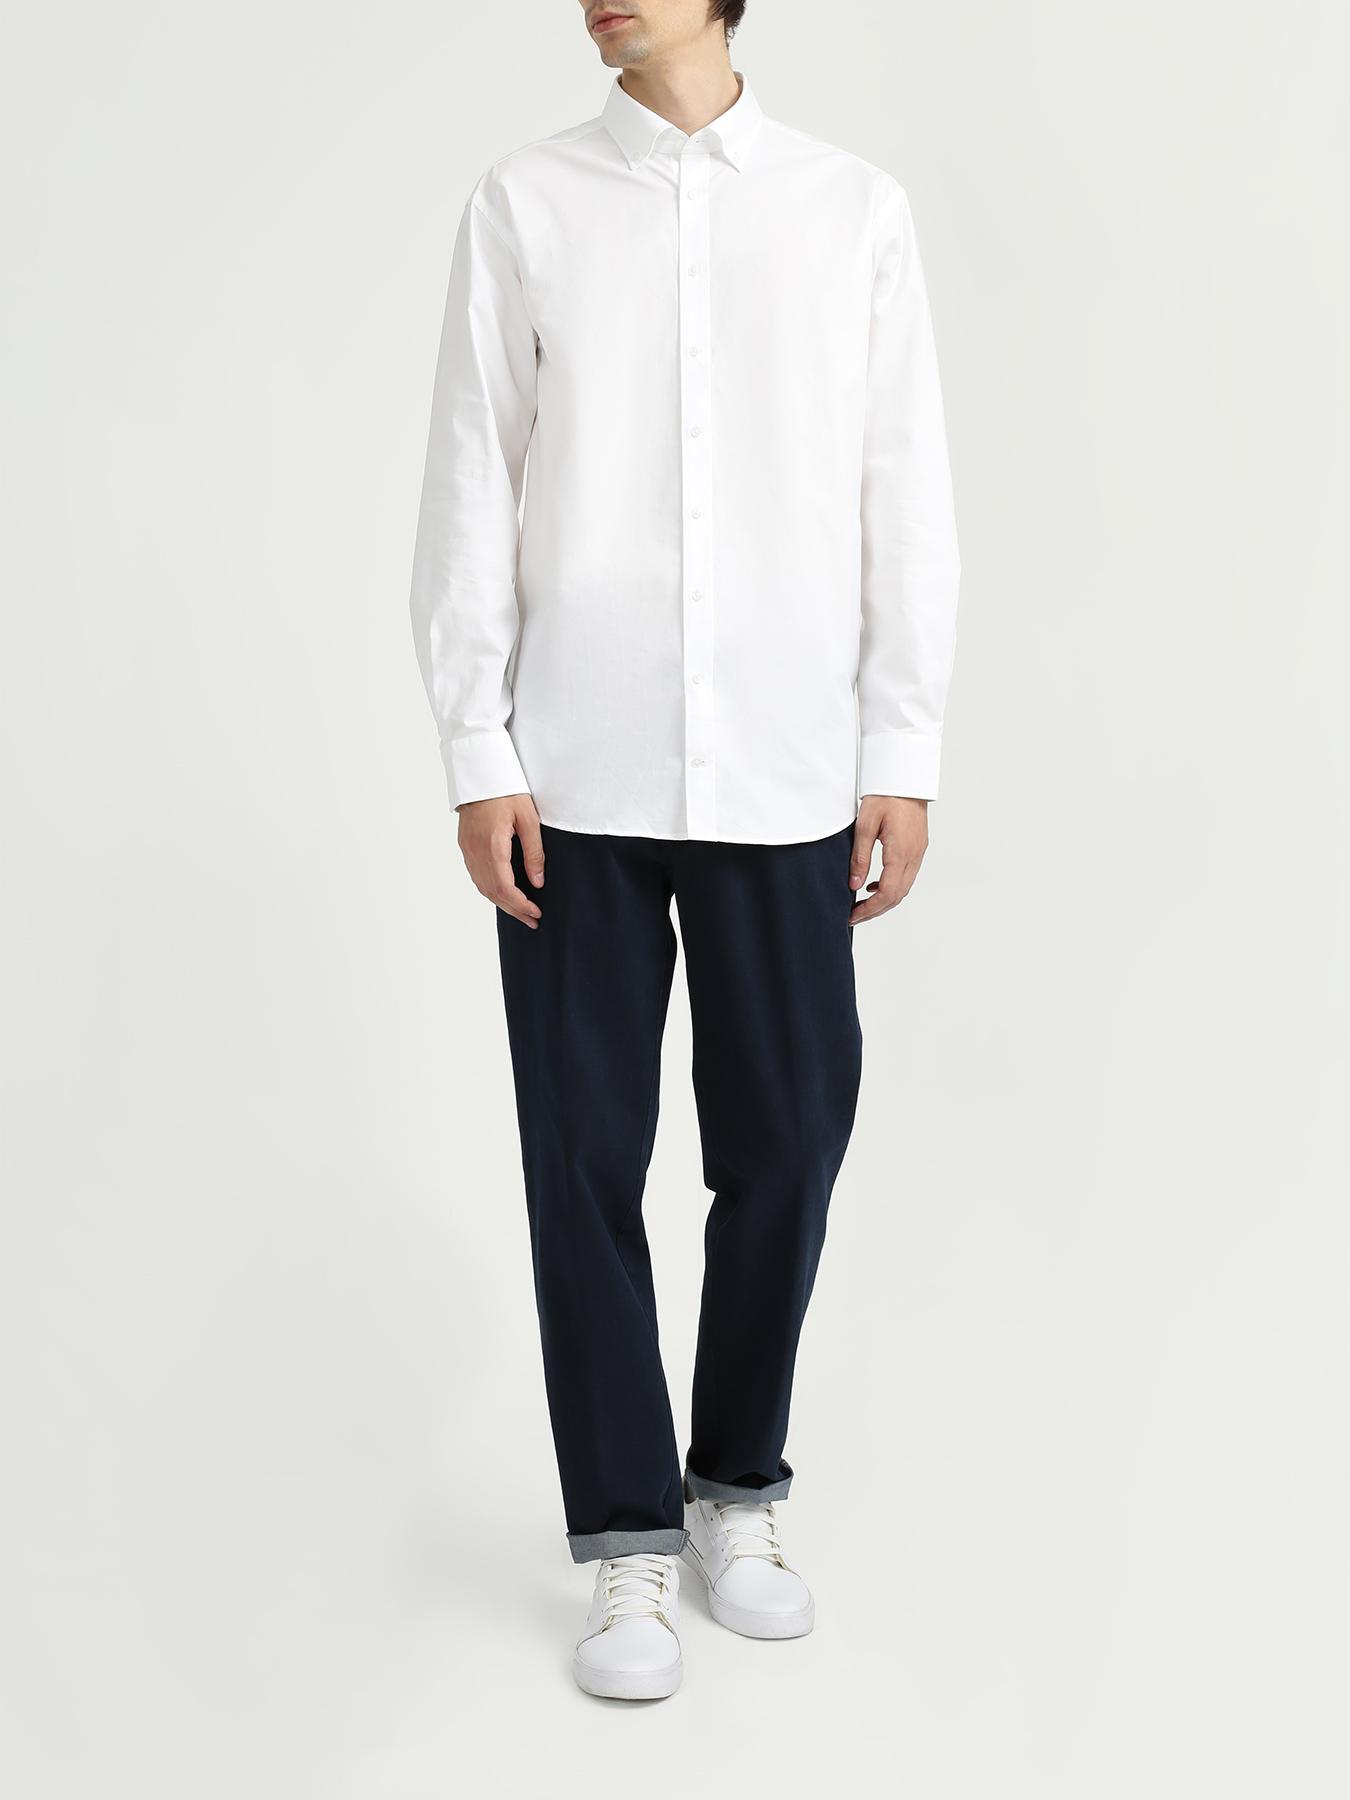 Рубашка Seidensticker Рубашка с длинным рукавом рубашка с длинным рукавом для деловых людей весенняя осень твердый цвет silm fit